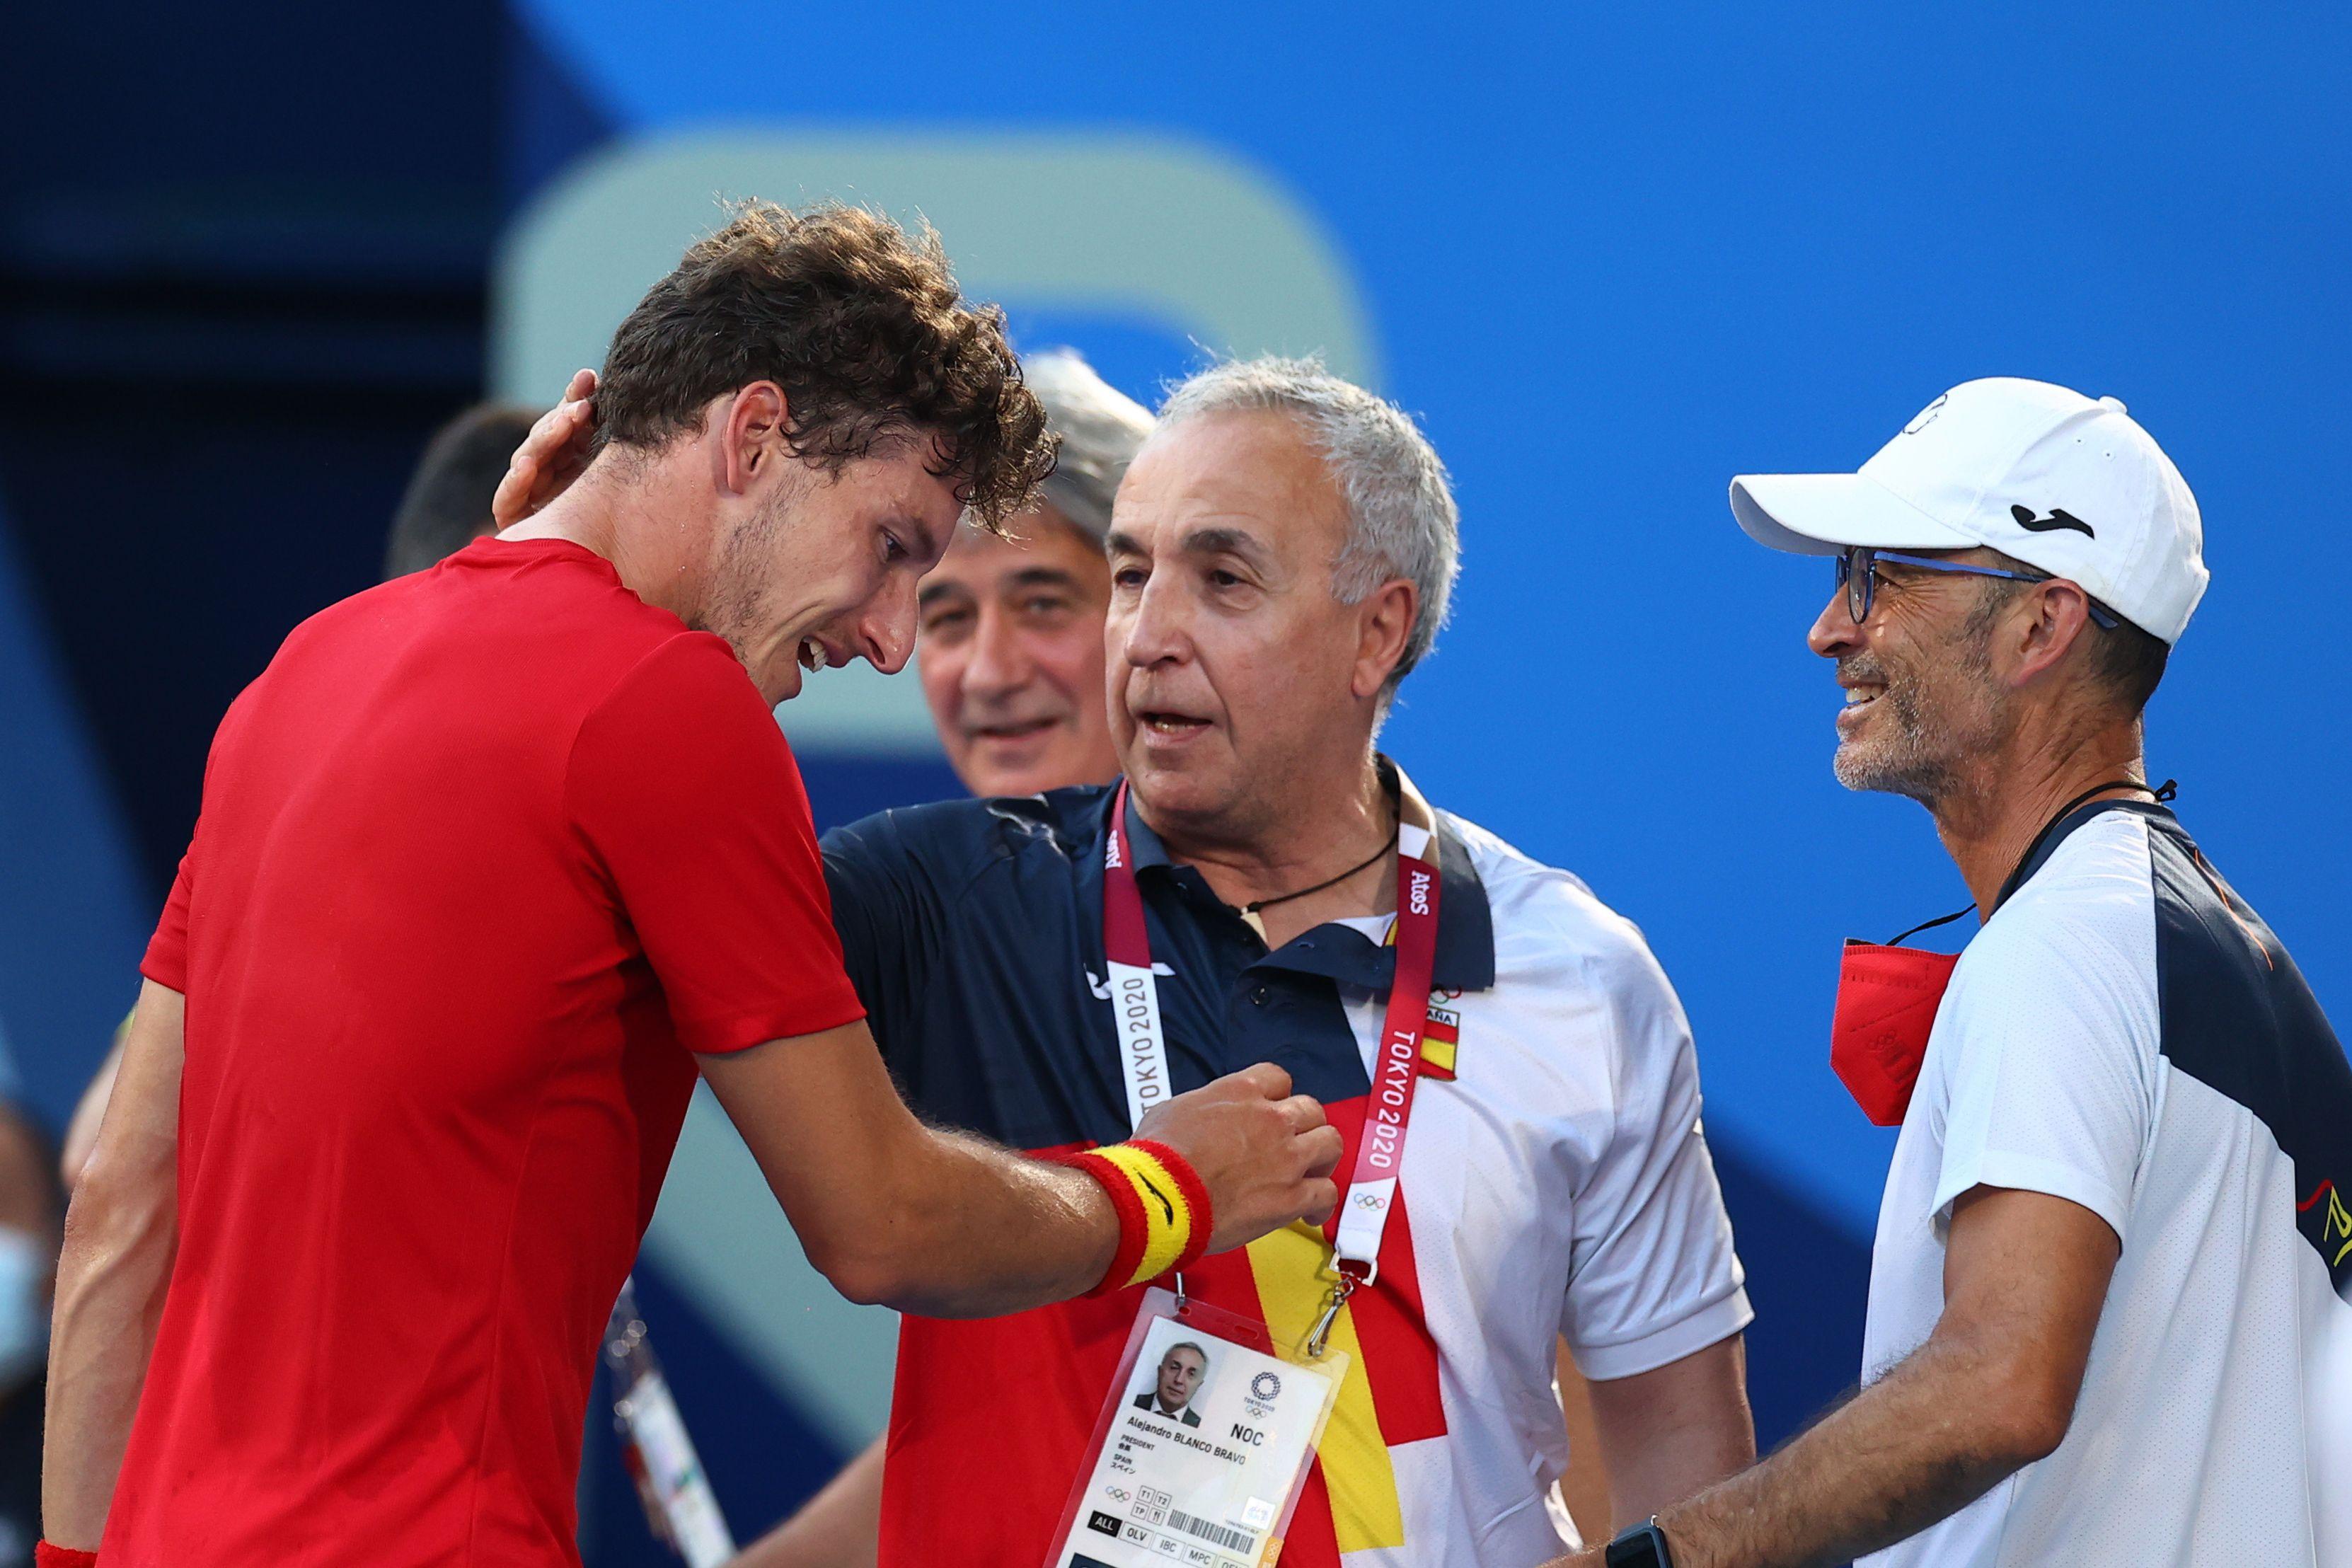 पाब्लो को ब्रॉन्ज मेडल जीतने पर बधाई देते उनके कोच।